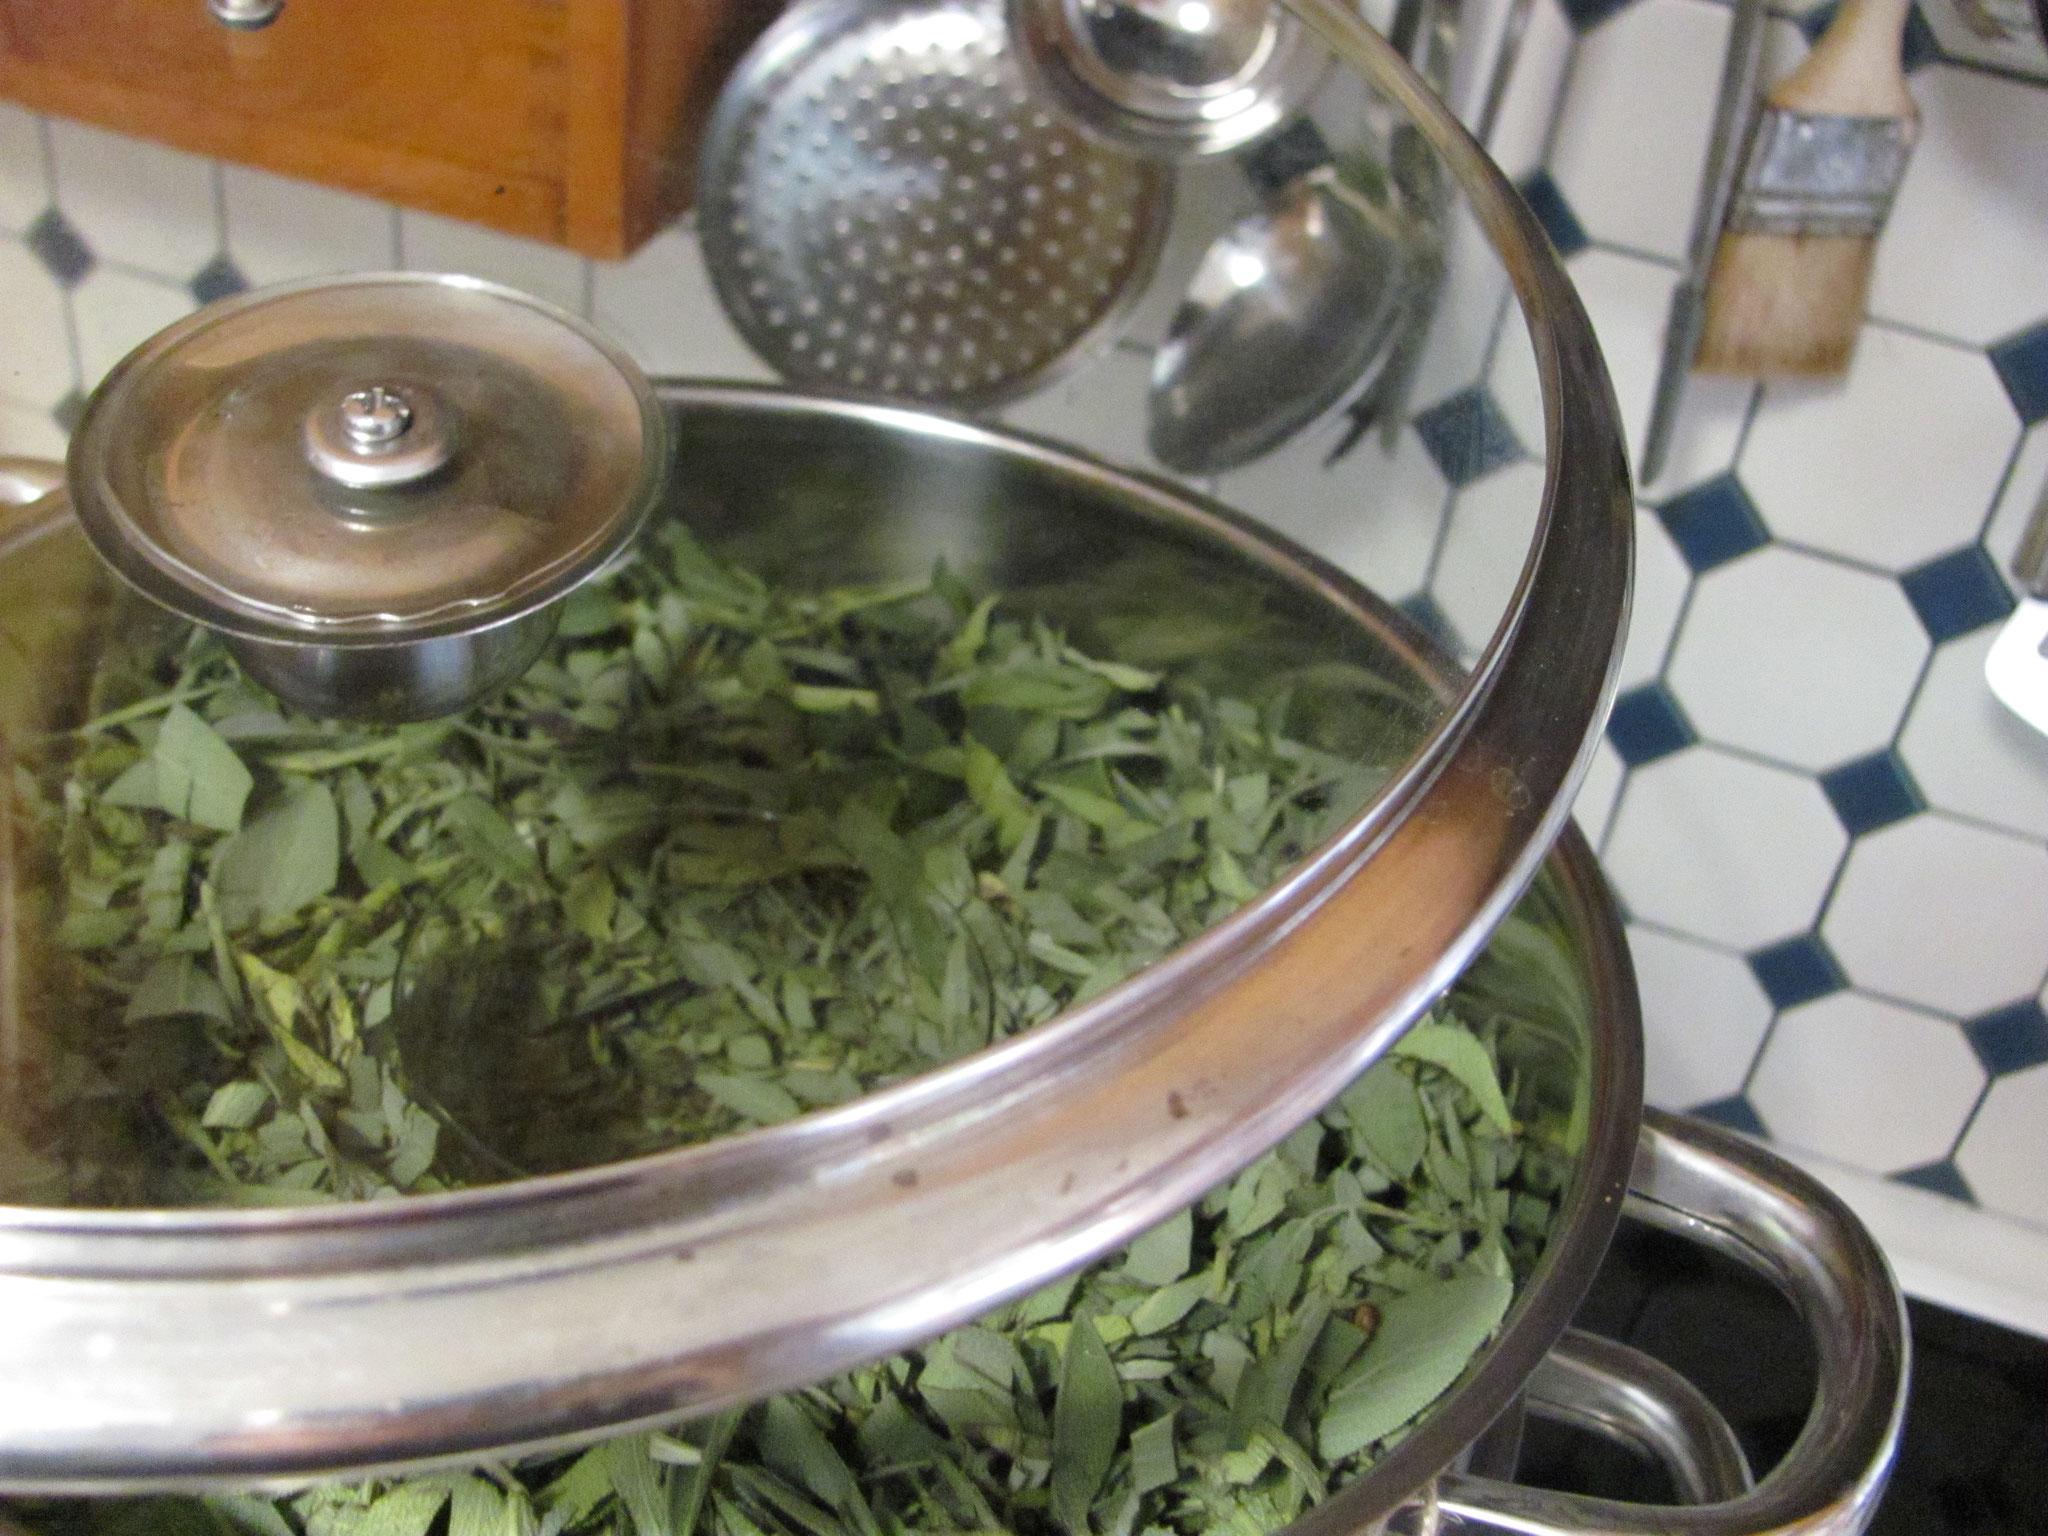 Topf mit Pflanzenmaterial befüllen, Teller weggeben